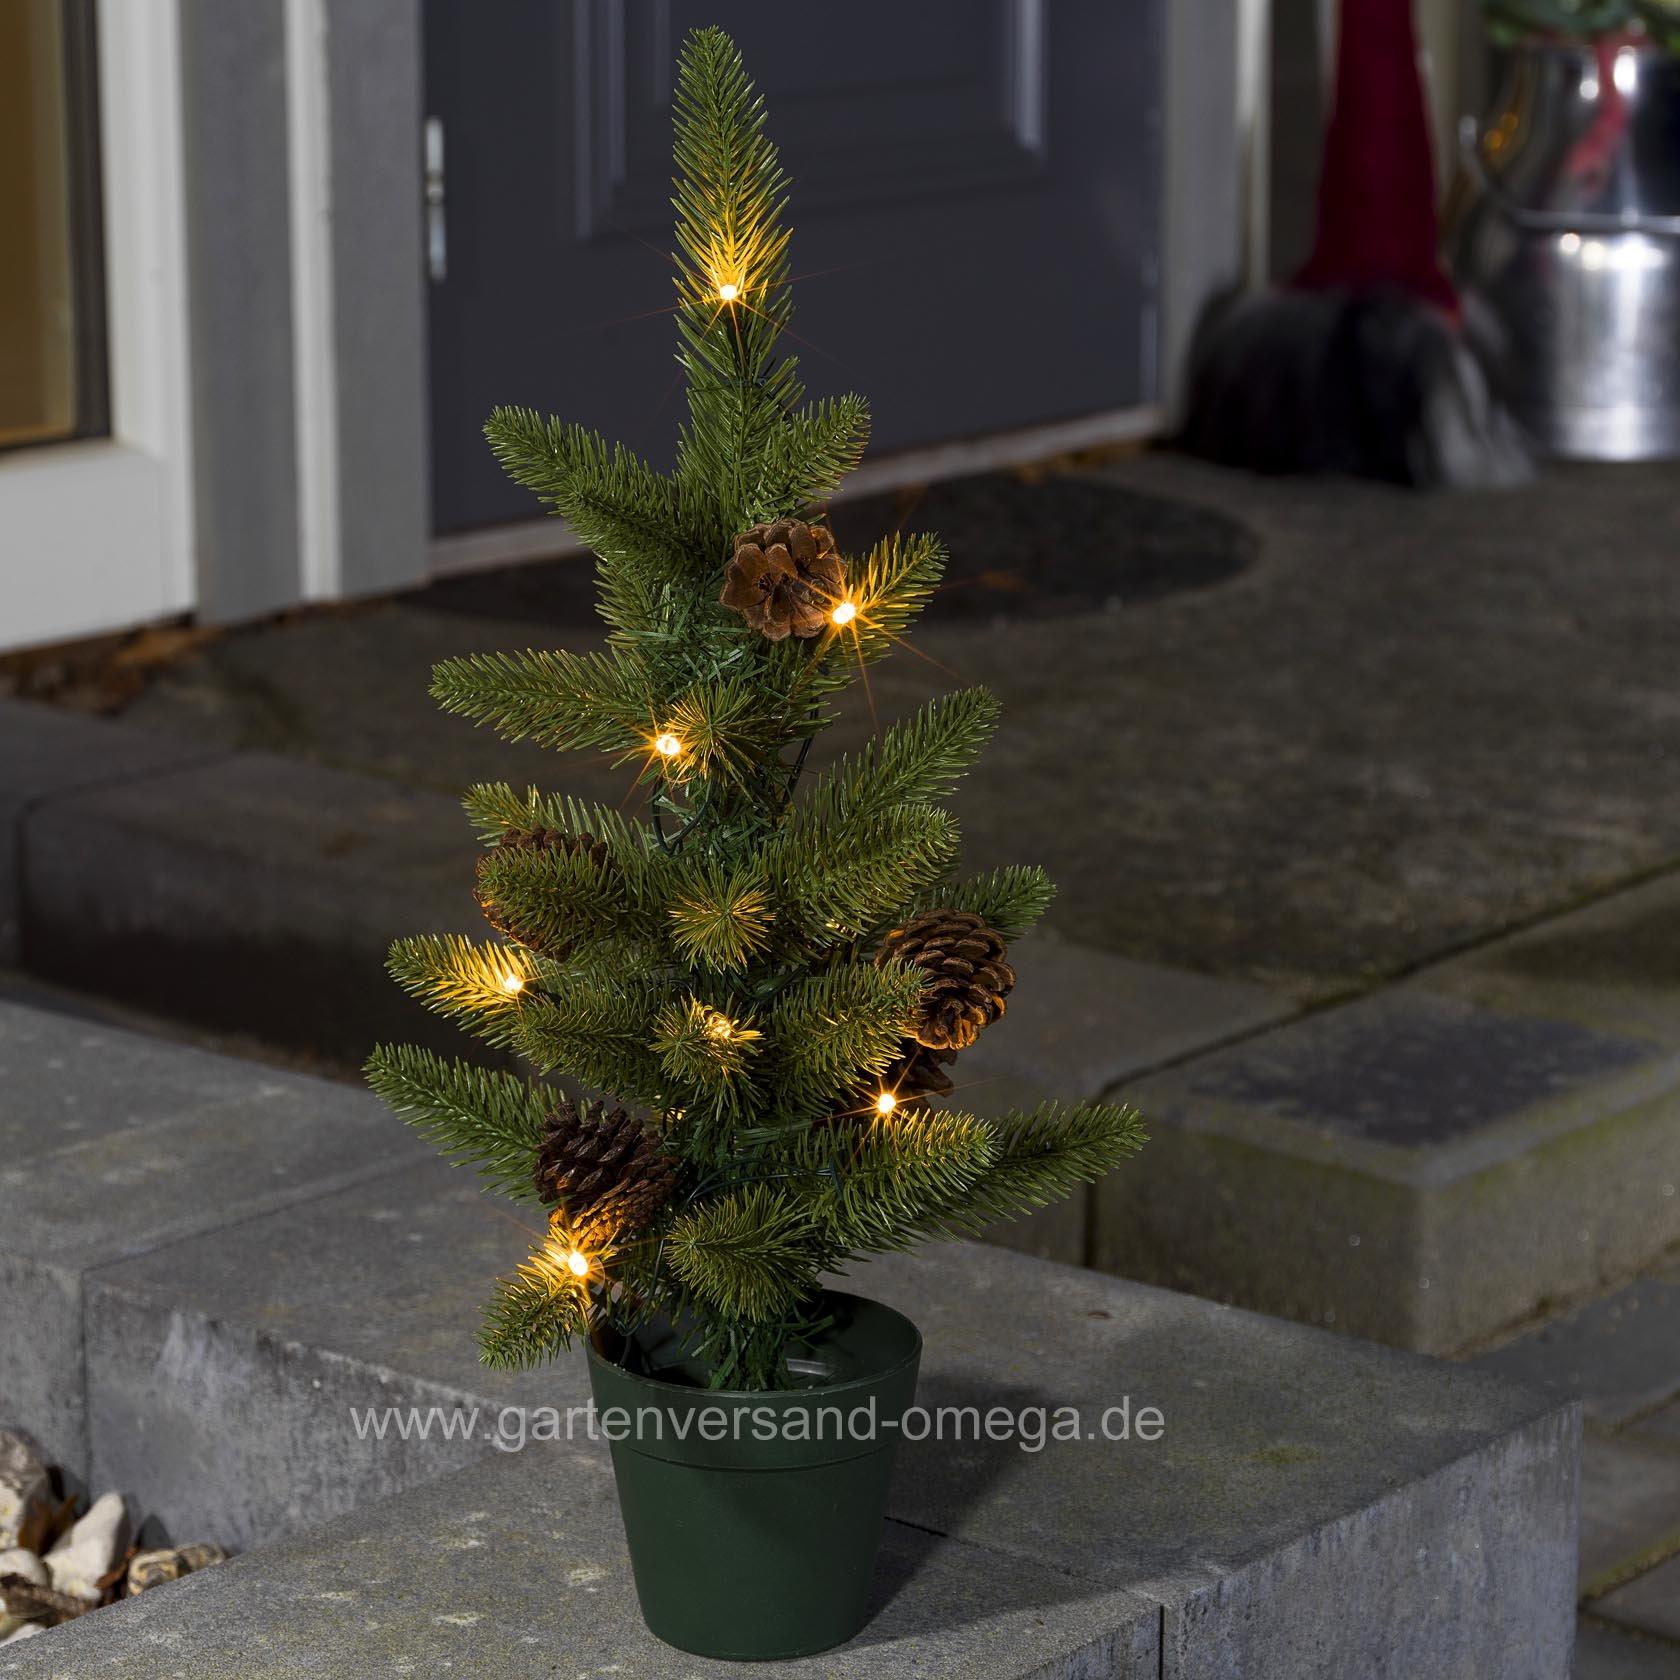 batteriebetriebener led weihnachtsbaum 45cm f r au en balkon beleuchtung weihnachten. Black Bedroom Furniture Sets. Home Design Ideas